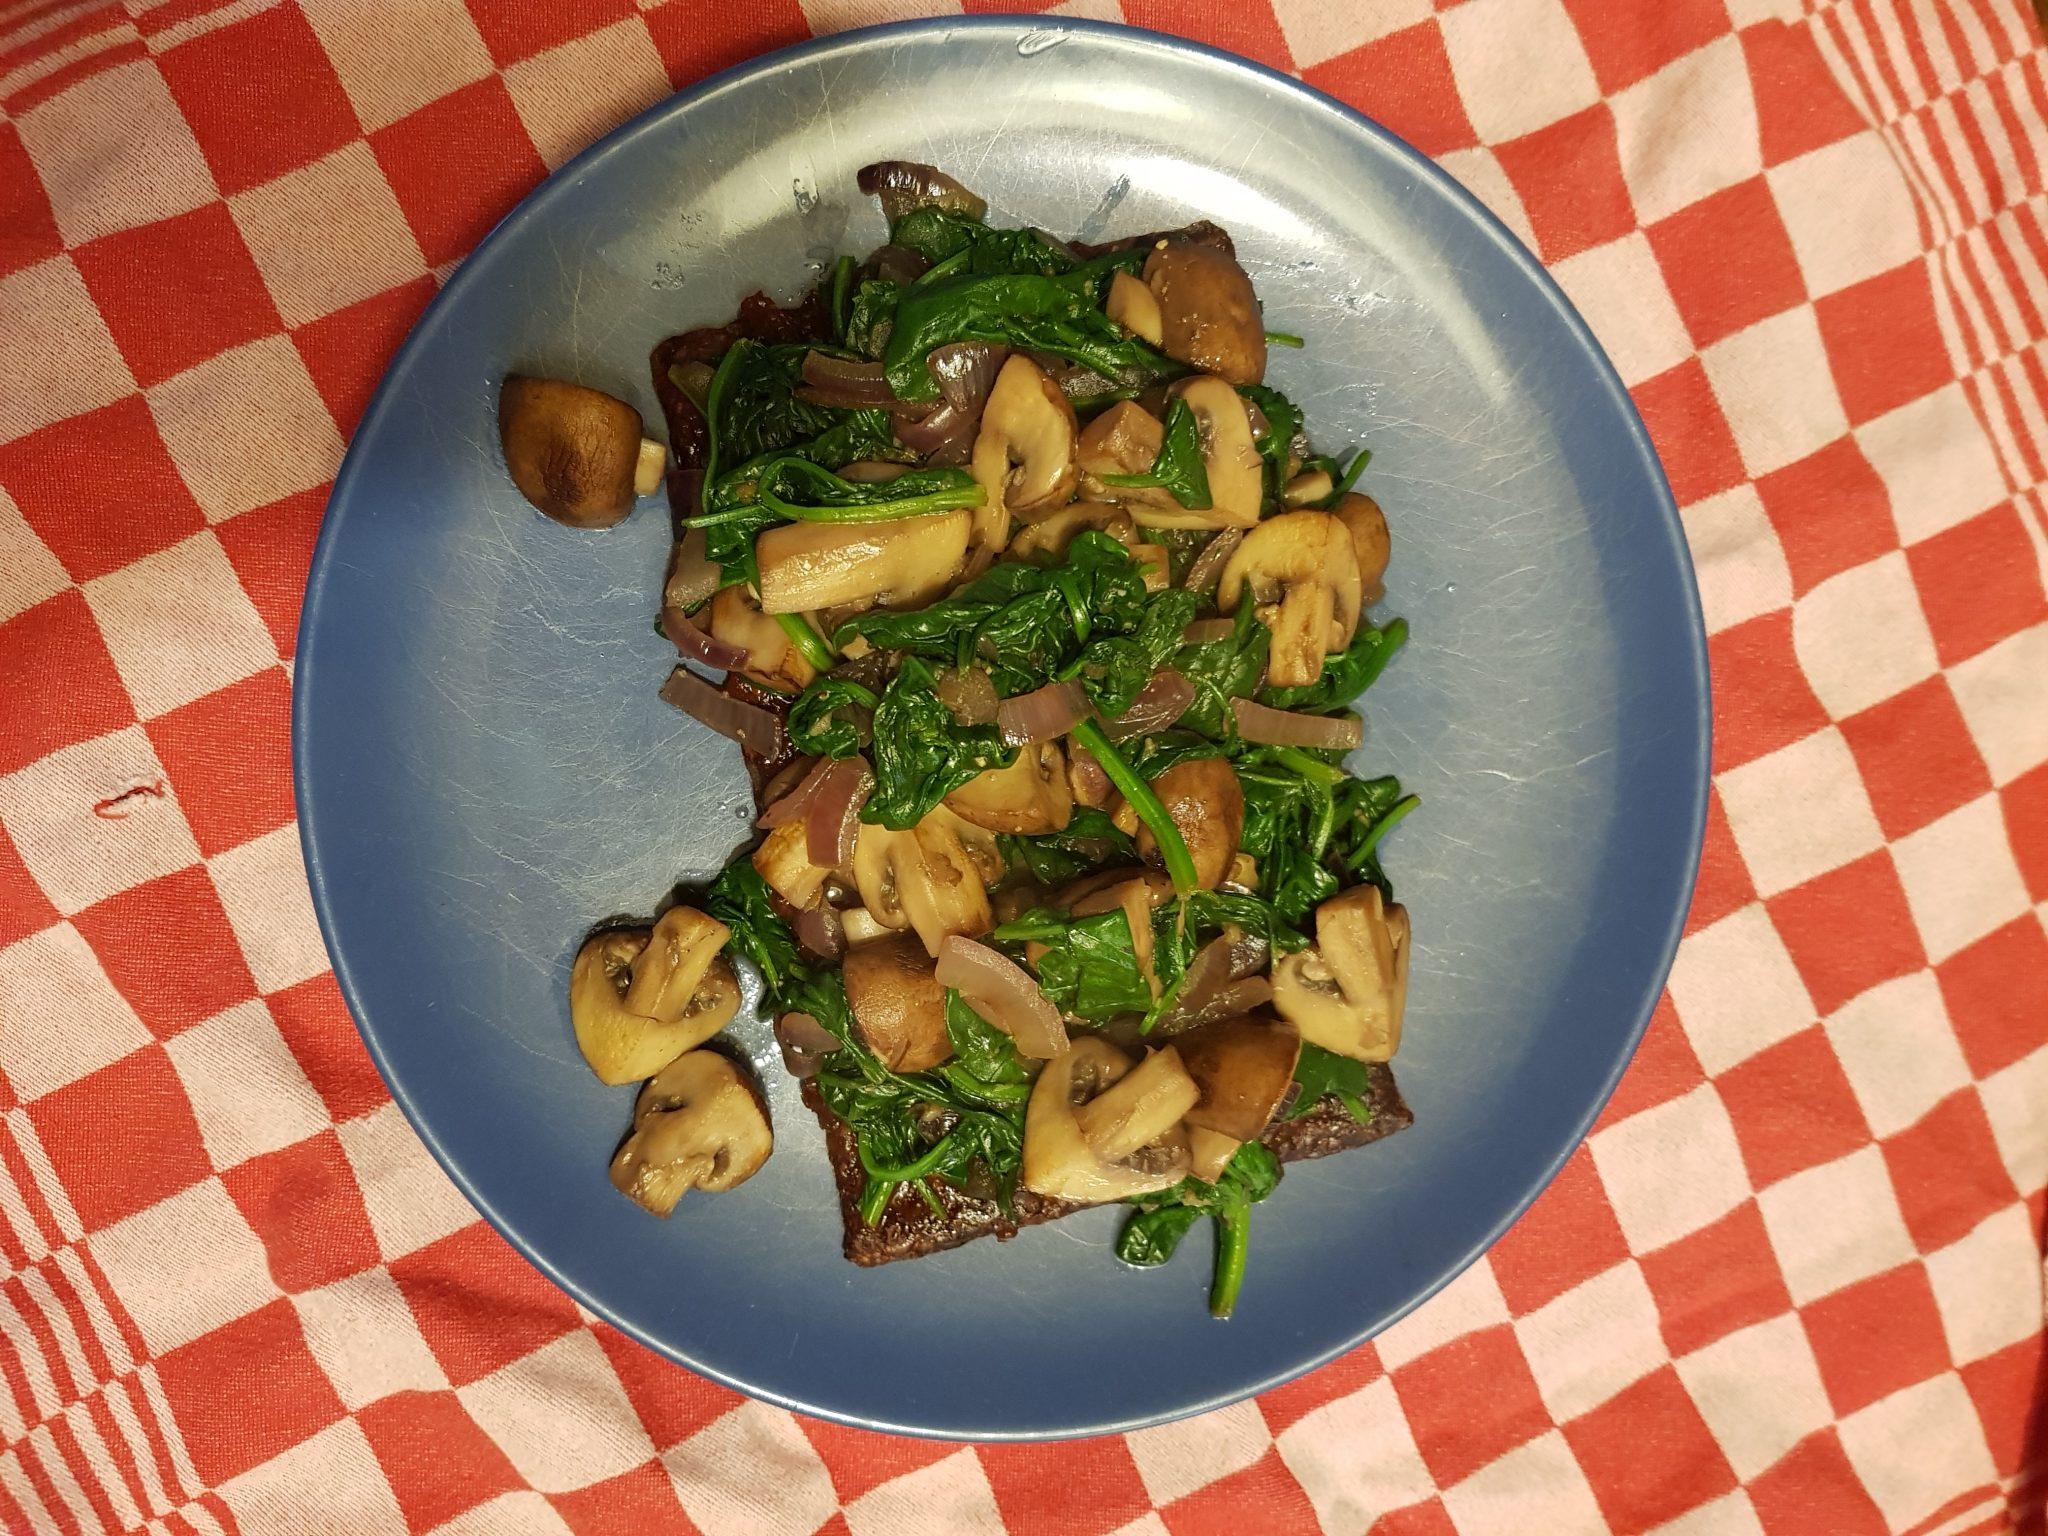 ZwamBoon met spinazie, ui en champignons